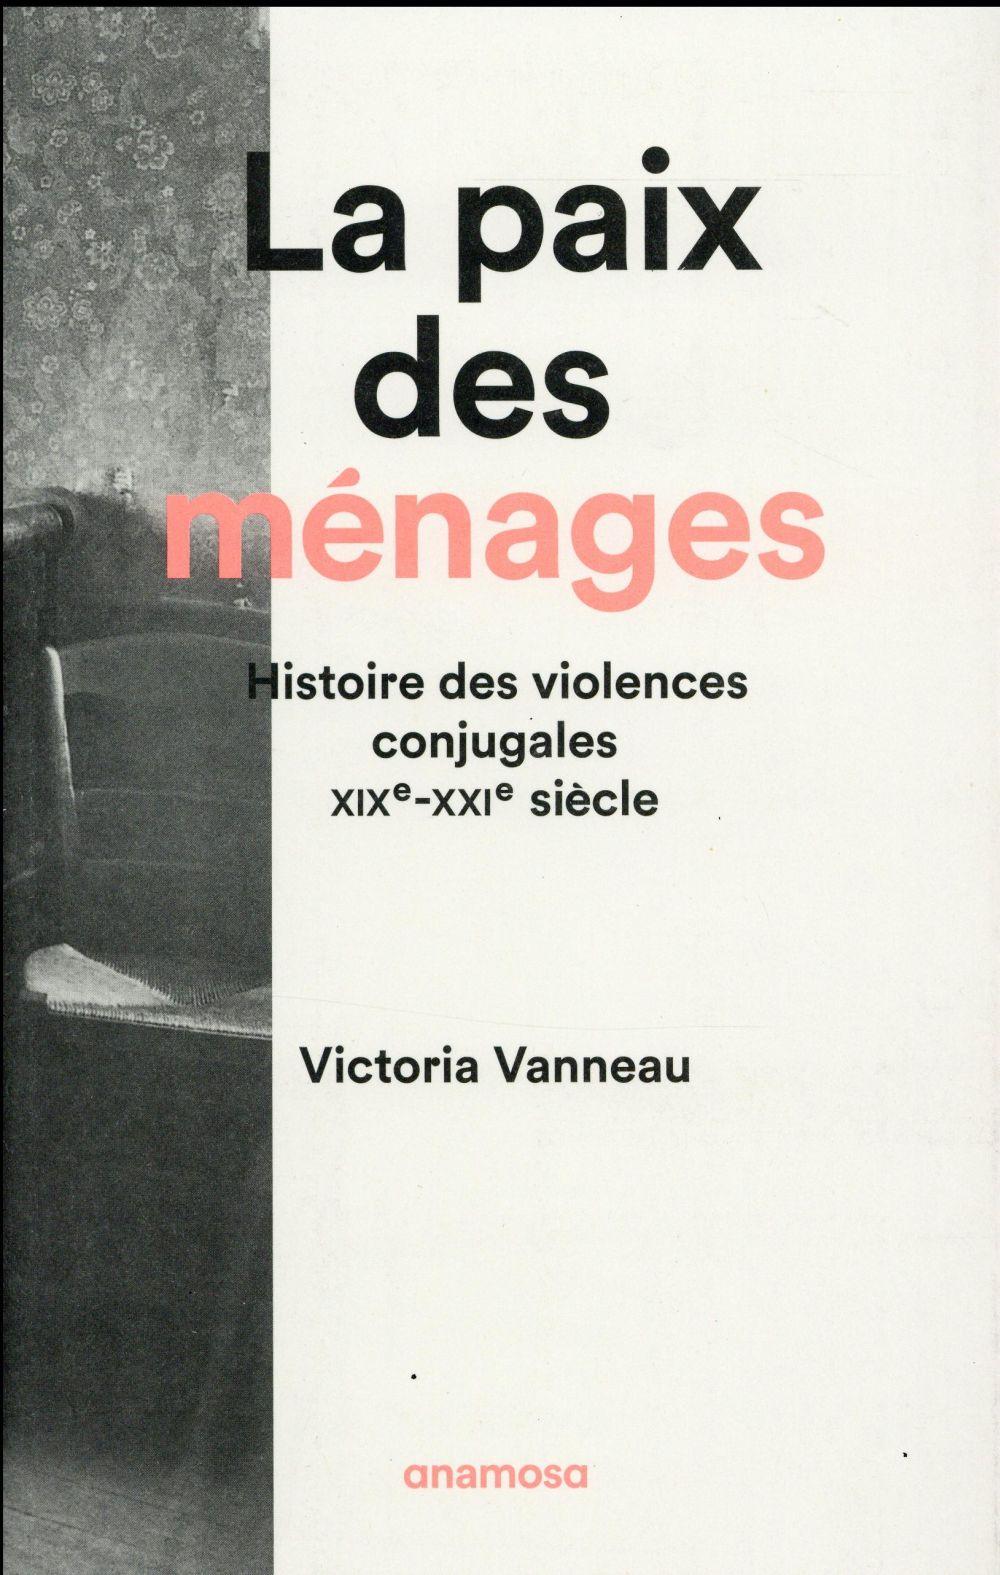 LA PAIX DES MENAGES. HISTOIRE DES VIOLENCES CONJUGALES, XIXE-XXIE SIECLES